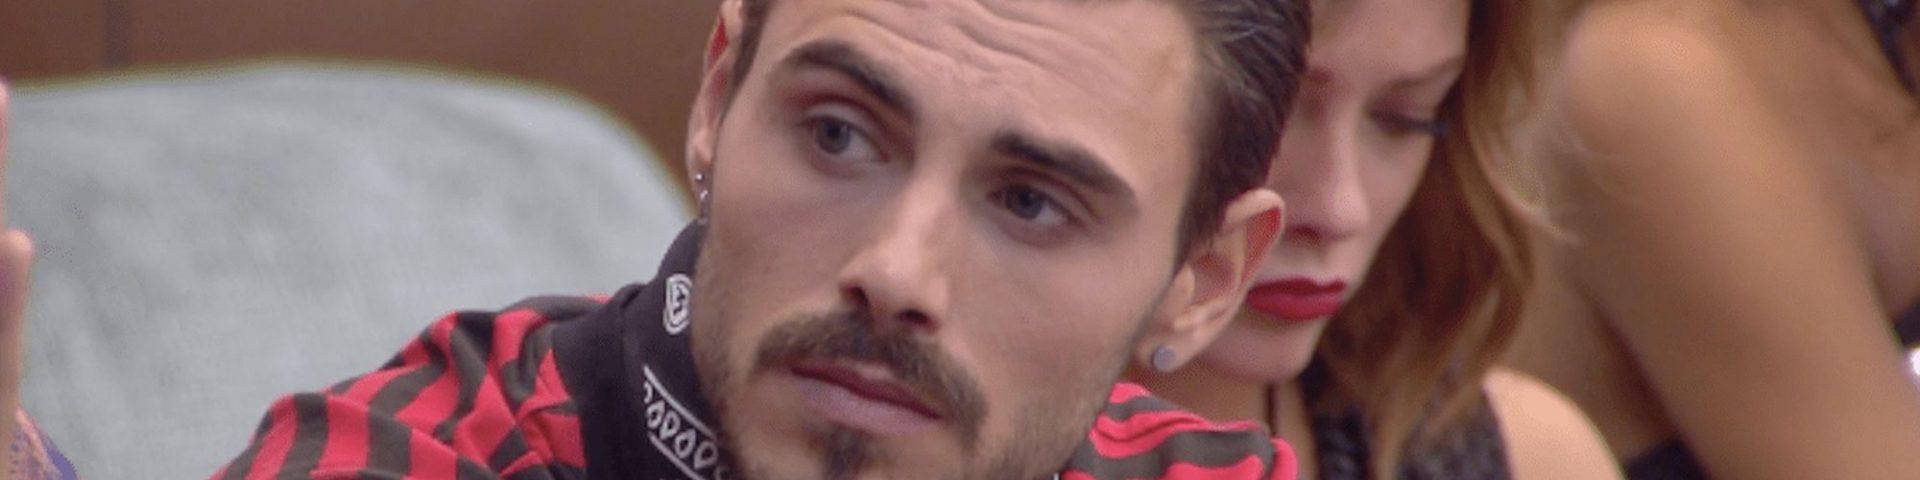 """Francesco Monte omofobo? """"Due donne che si baciano mi fanno schifo"""" - Video"""